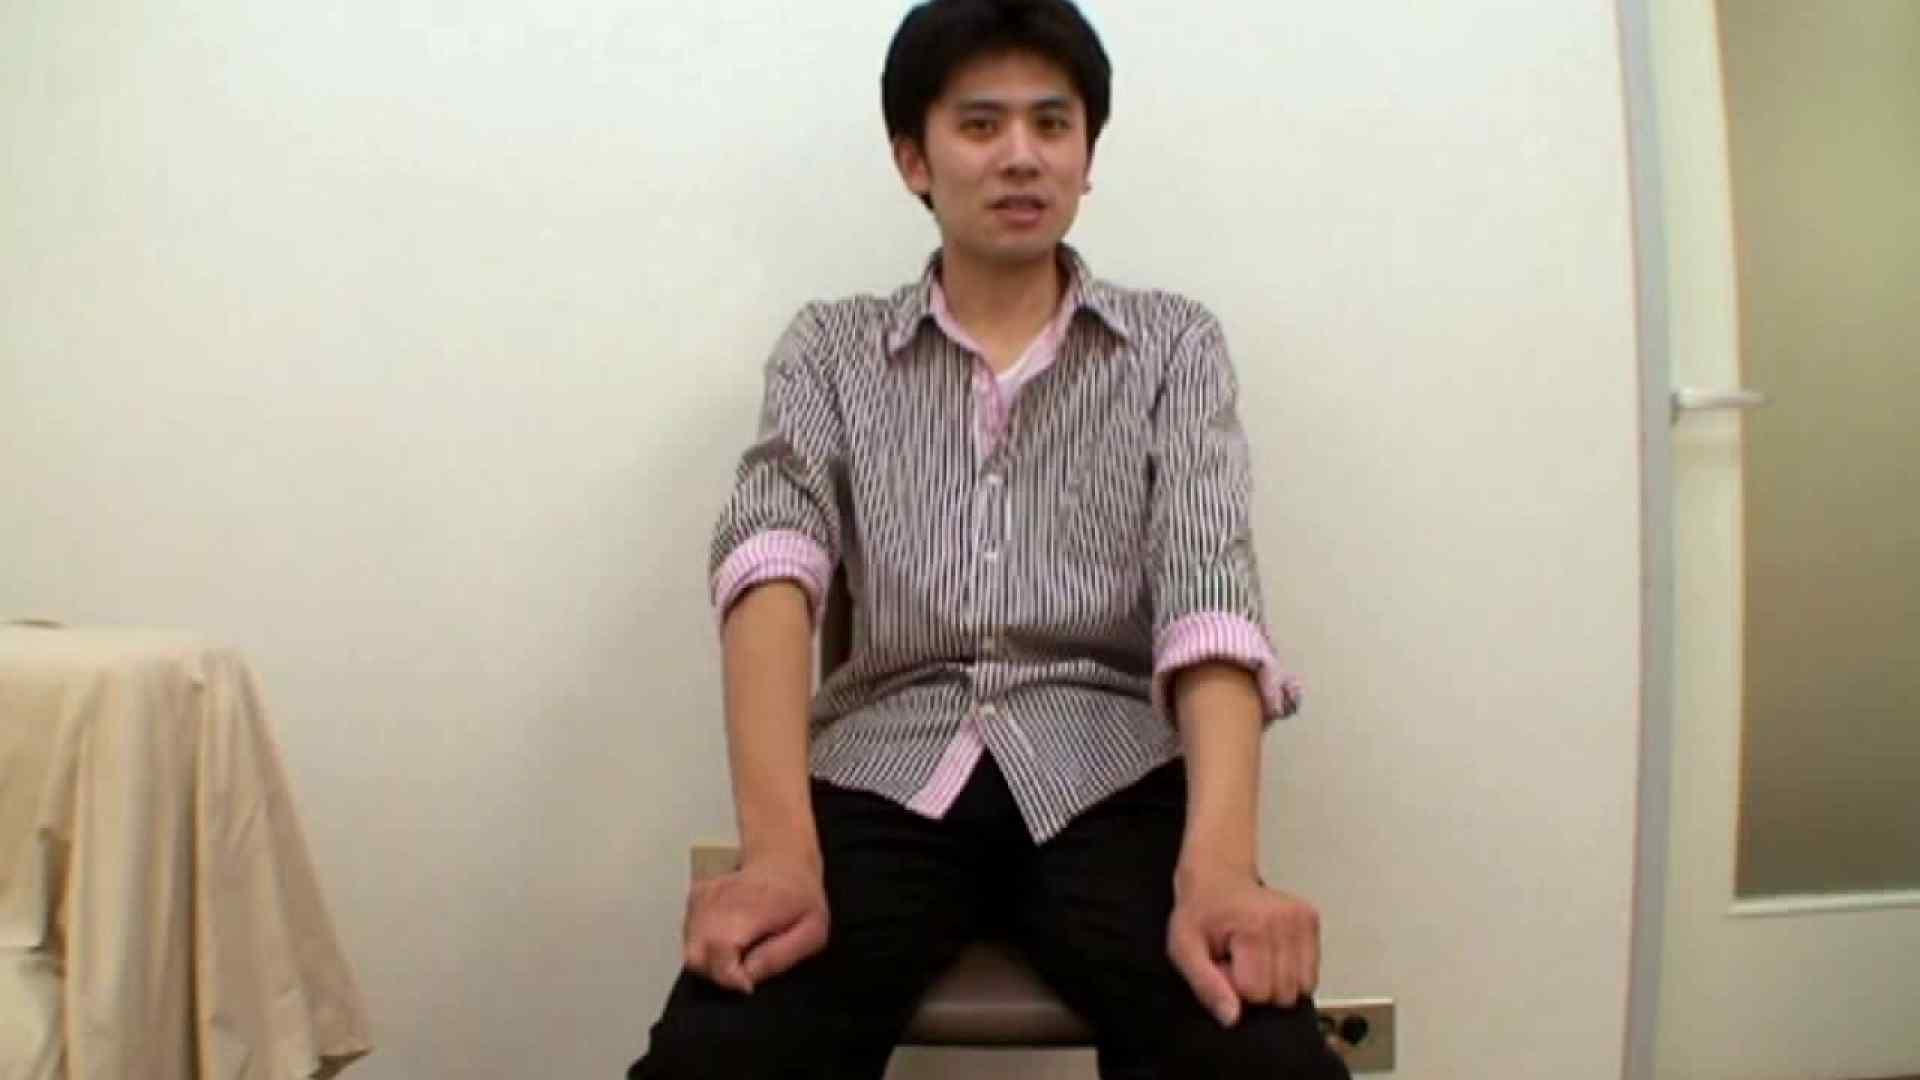 イケメンにタンクトップにオナニー ゲイのオナニー映像  70枚 24